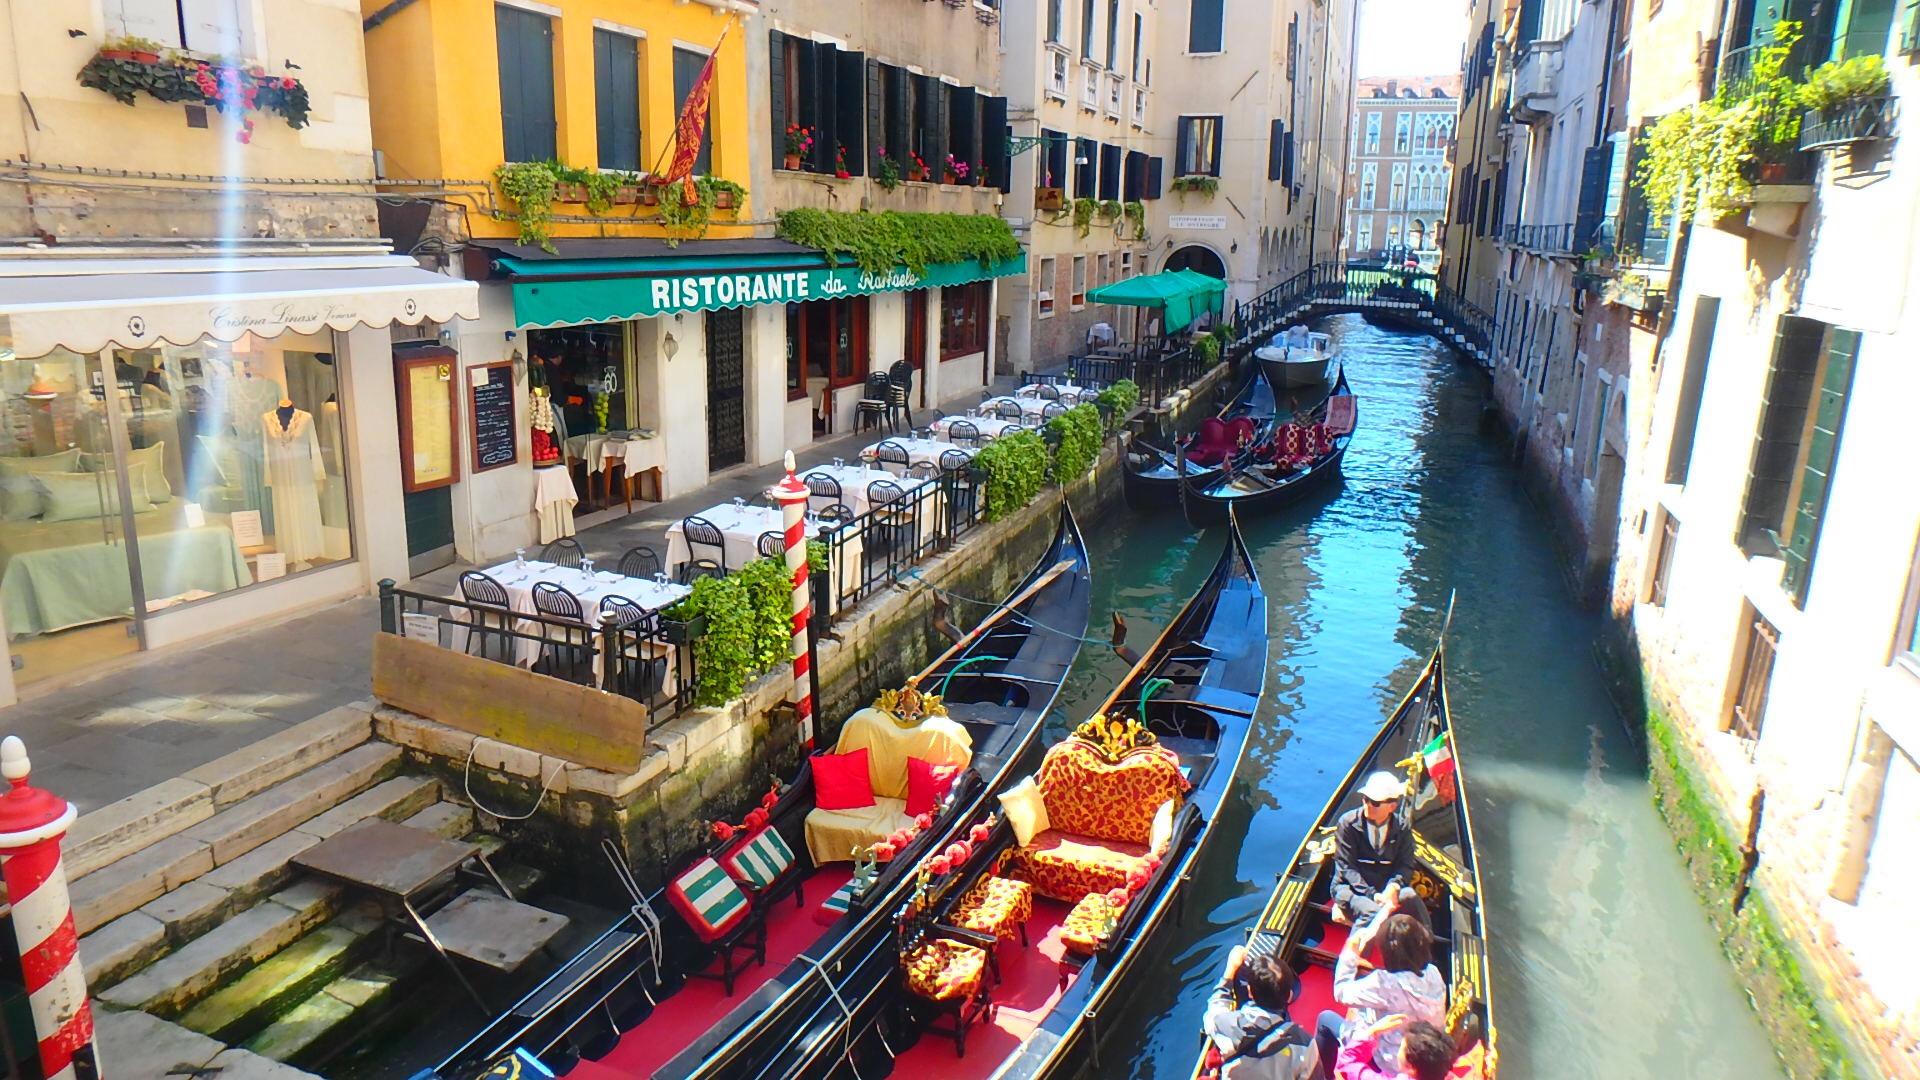 ヴェネチア 落ち着いた雰囲気のテラスカフェ&レストラン